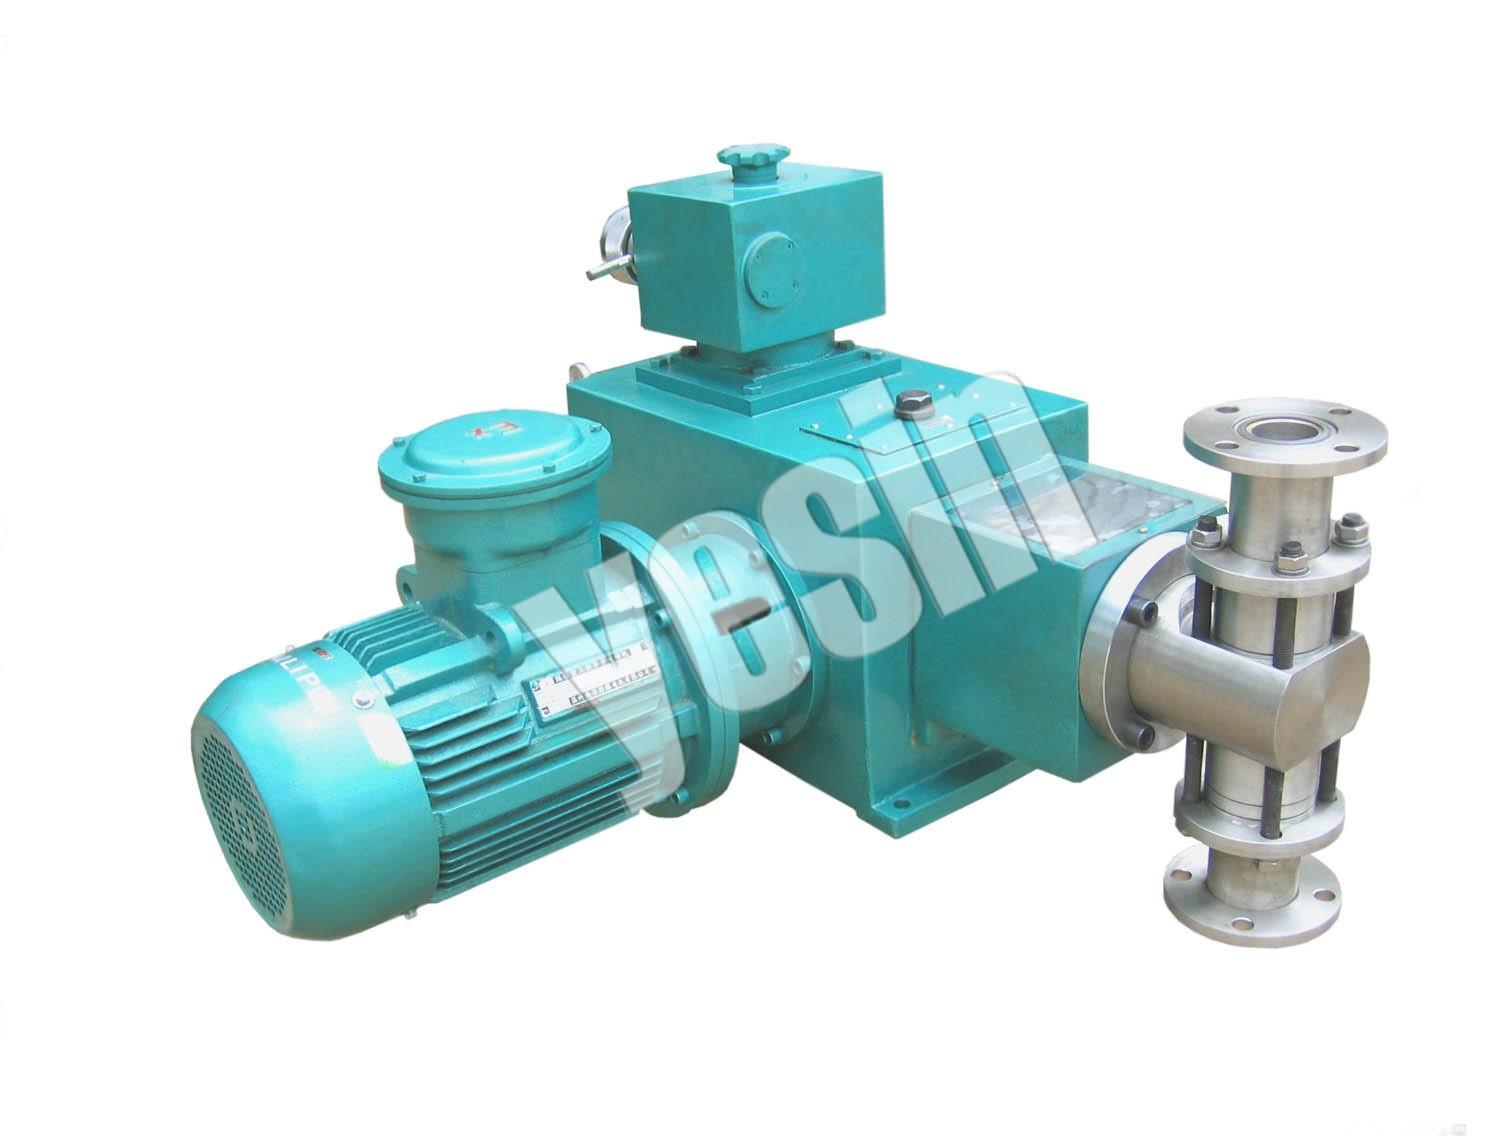 大跹.d:j�9�.�fj9.��g���_j-d型柱塞式计量泵